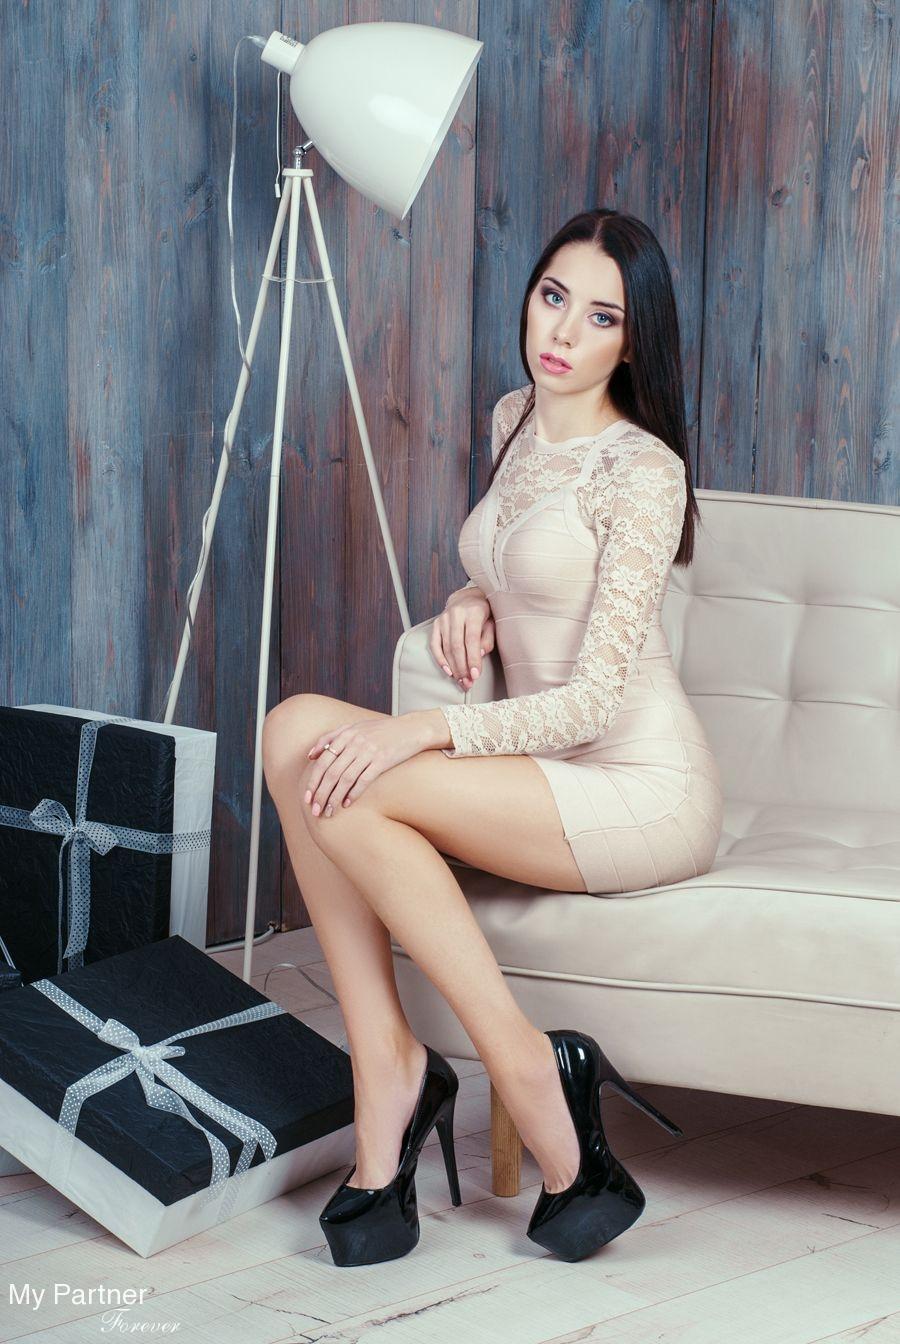 Russian Bride Poltava Russian Women 117